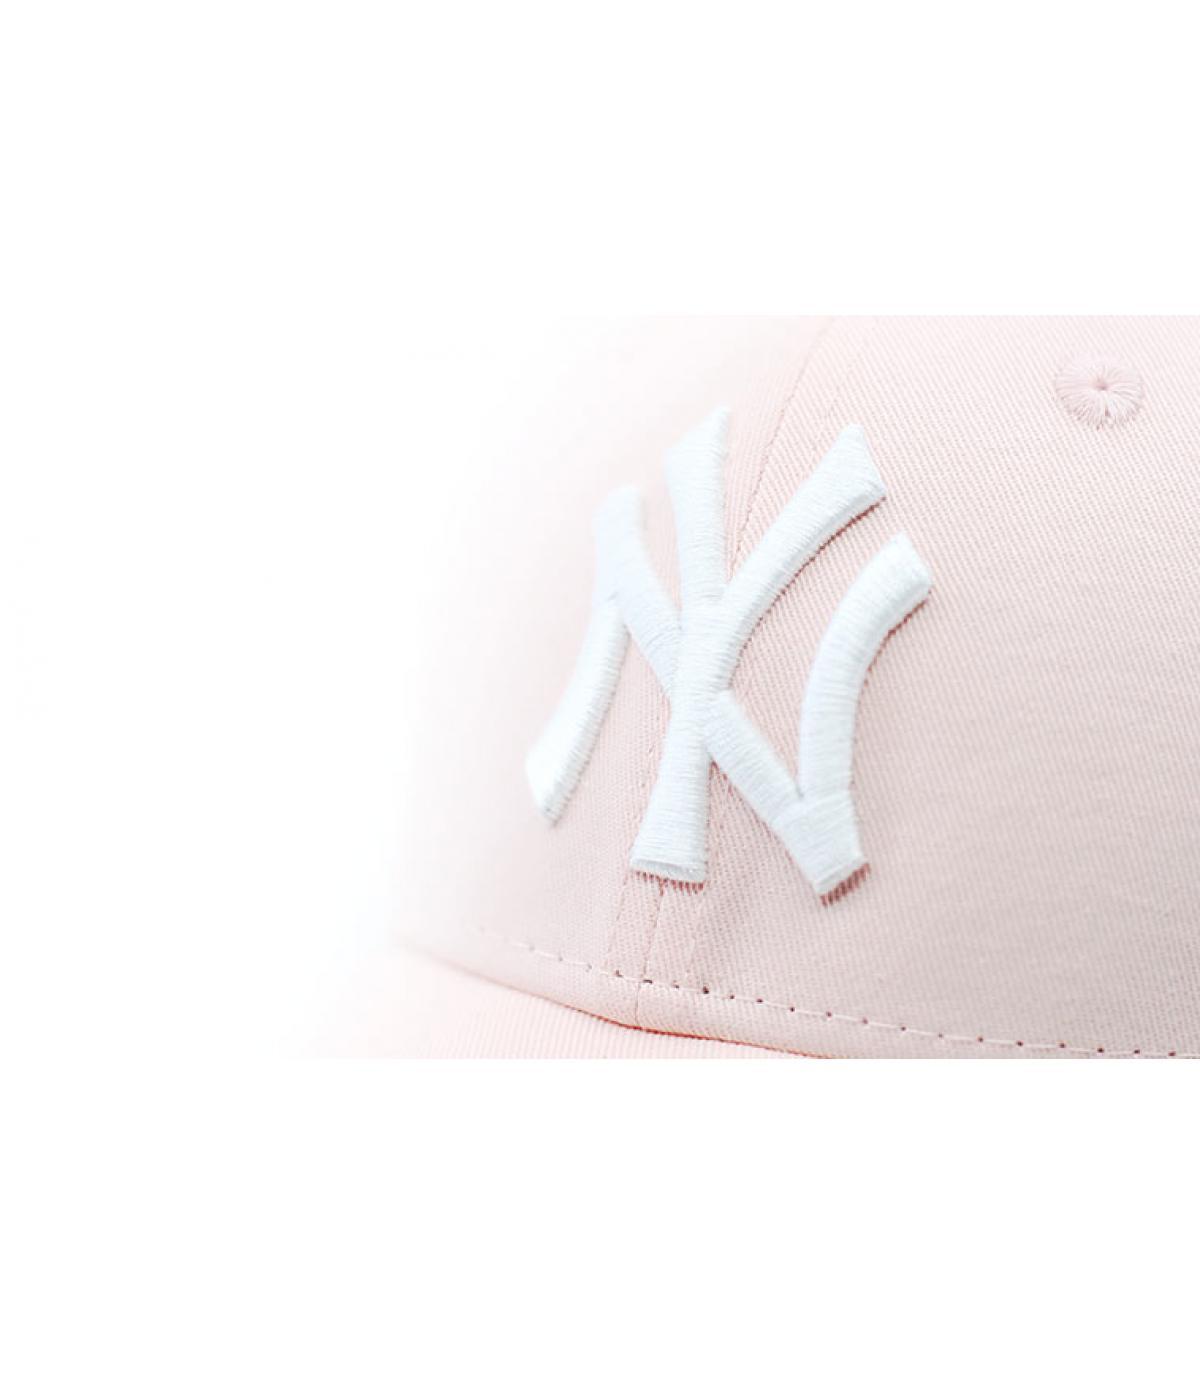 Détails Casquette League Ess 9Forty NY pink lemonade - image 3